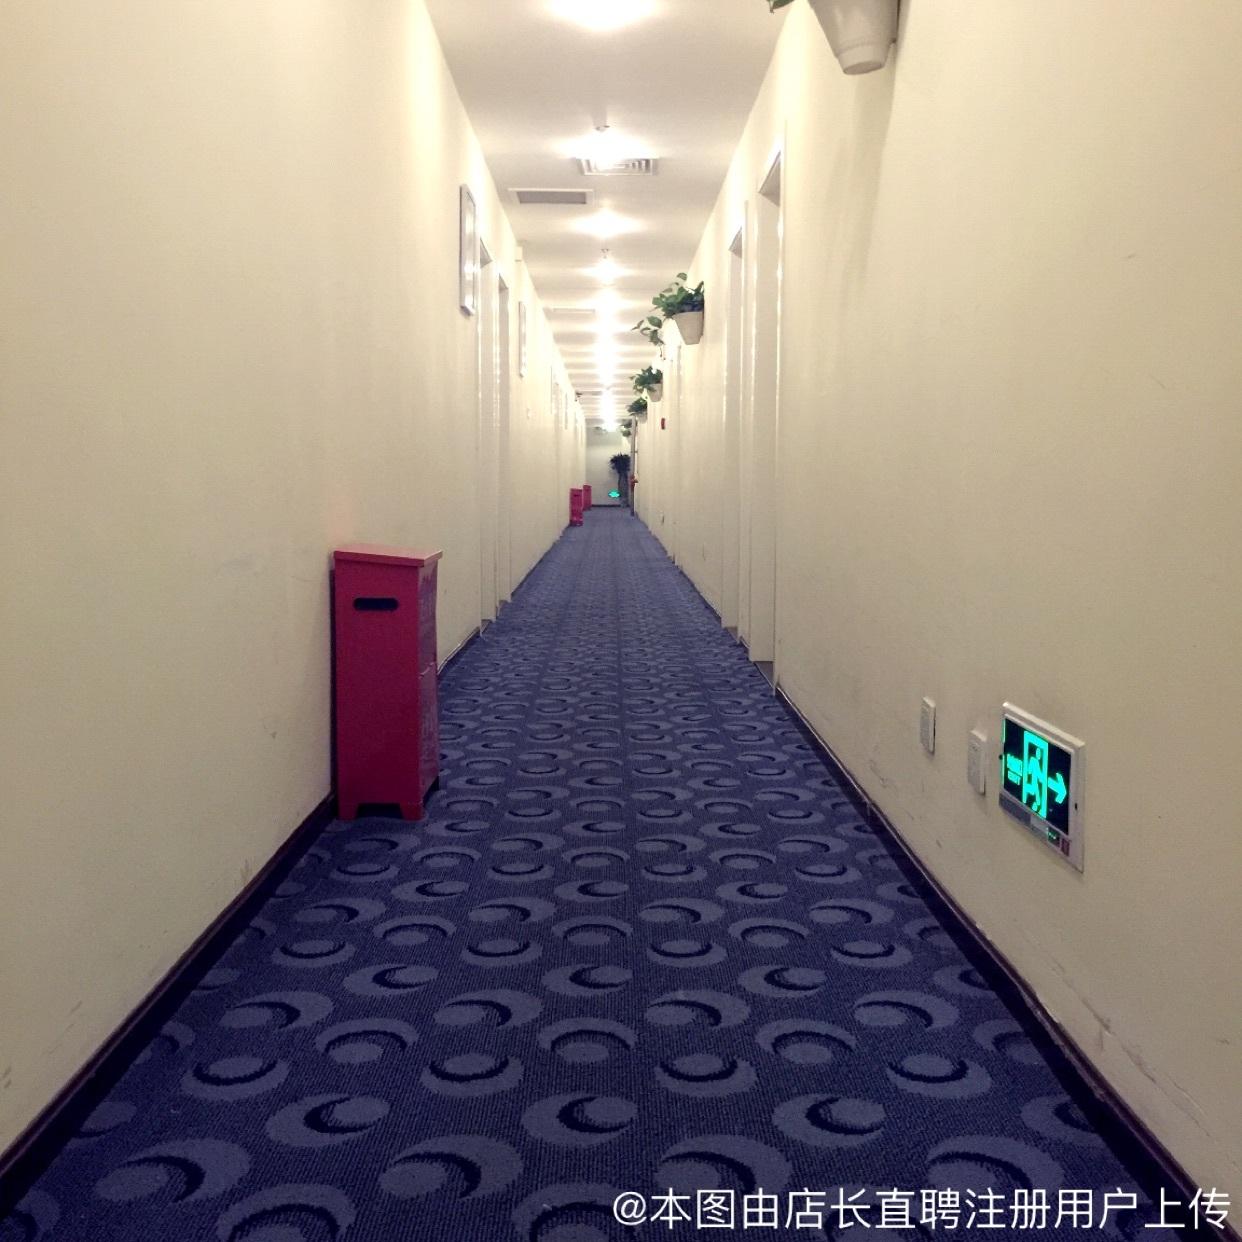 天普阳光招聘_【前厅管理招聘】北京国朋饭店前厅管理招聘-店长直聘